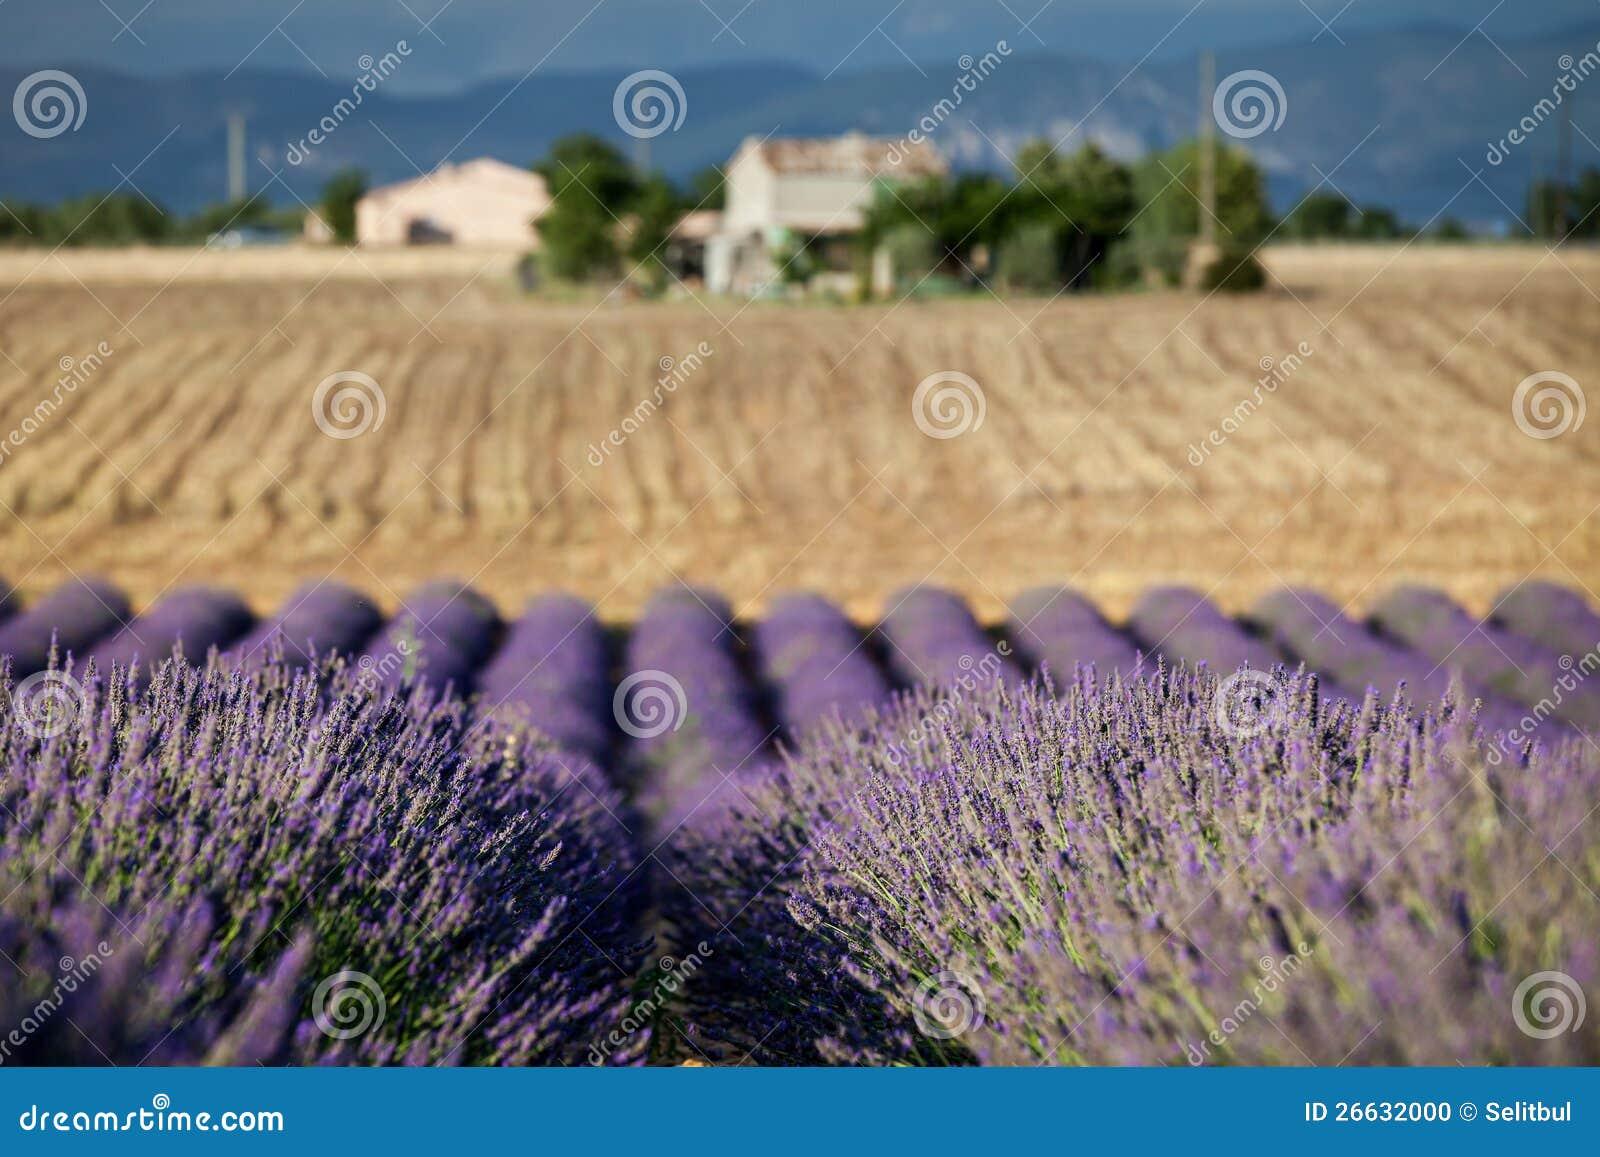 Lignes de floraison de lavande provence france photo stock image 26632000 - Floraison de la lavande ...